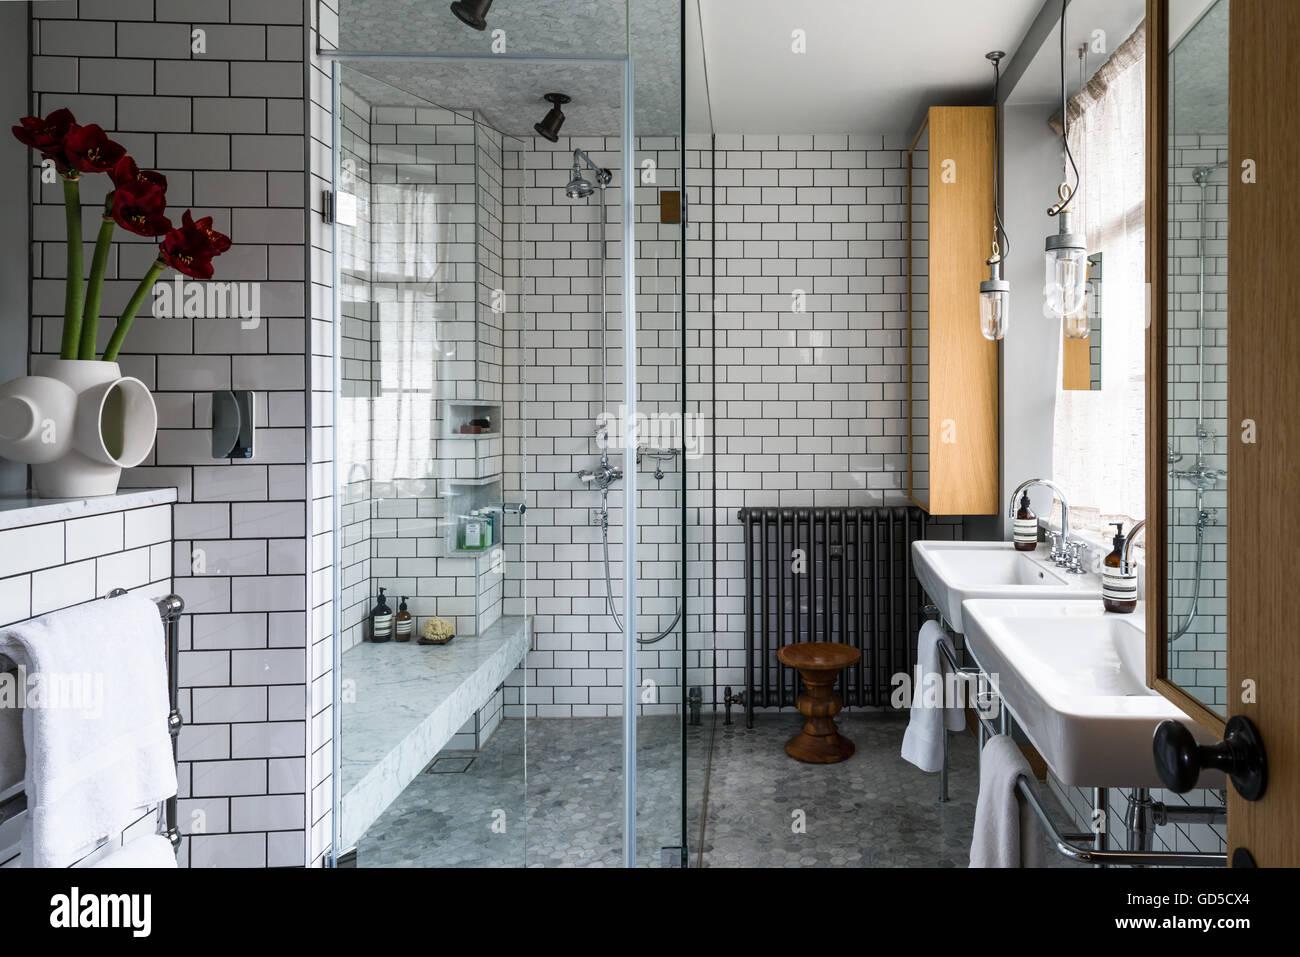 Waben Sie-Bodenbelag und u-Bahn Fliesen im Badezimmer mit ...